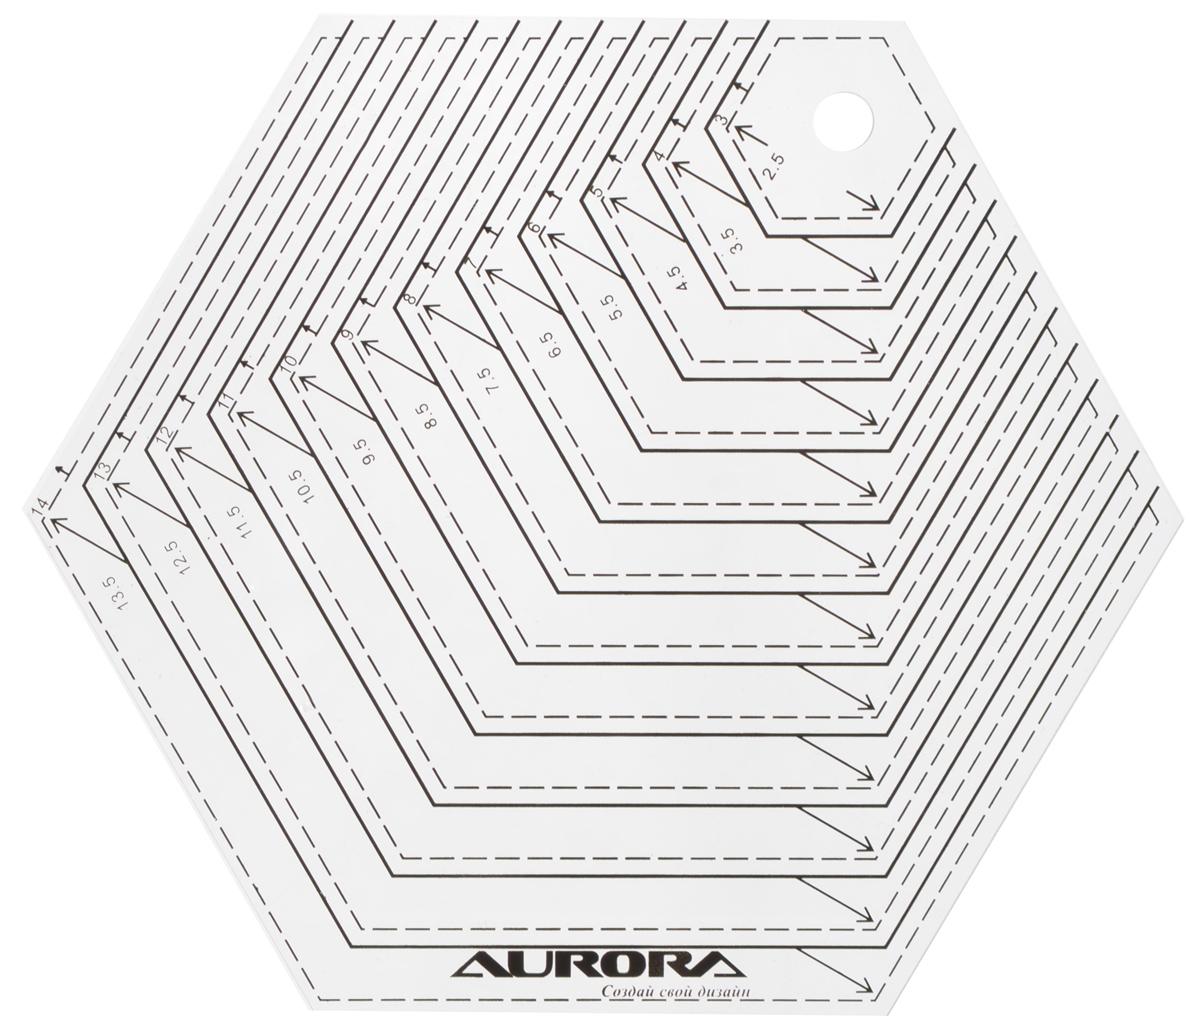 Линейка для пэчворка Aurora Шестиугольник, 14 х 16 смAU-H14Линейка для пэчворка Aurora Шестиугольник выполнена из высококачественного прозрачного пластика. Она предназначена для изготовления шаблонов высотой от 2,5 до 13,5 см. Разметки на линейке выполнены из высокостойкой краски.